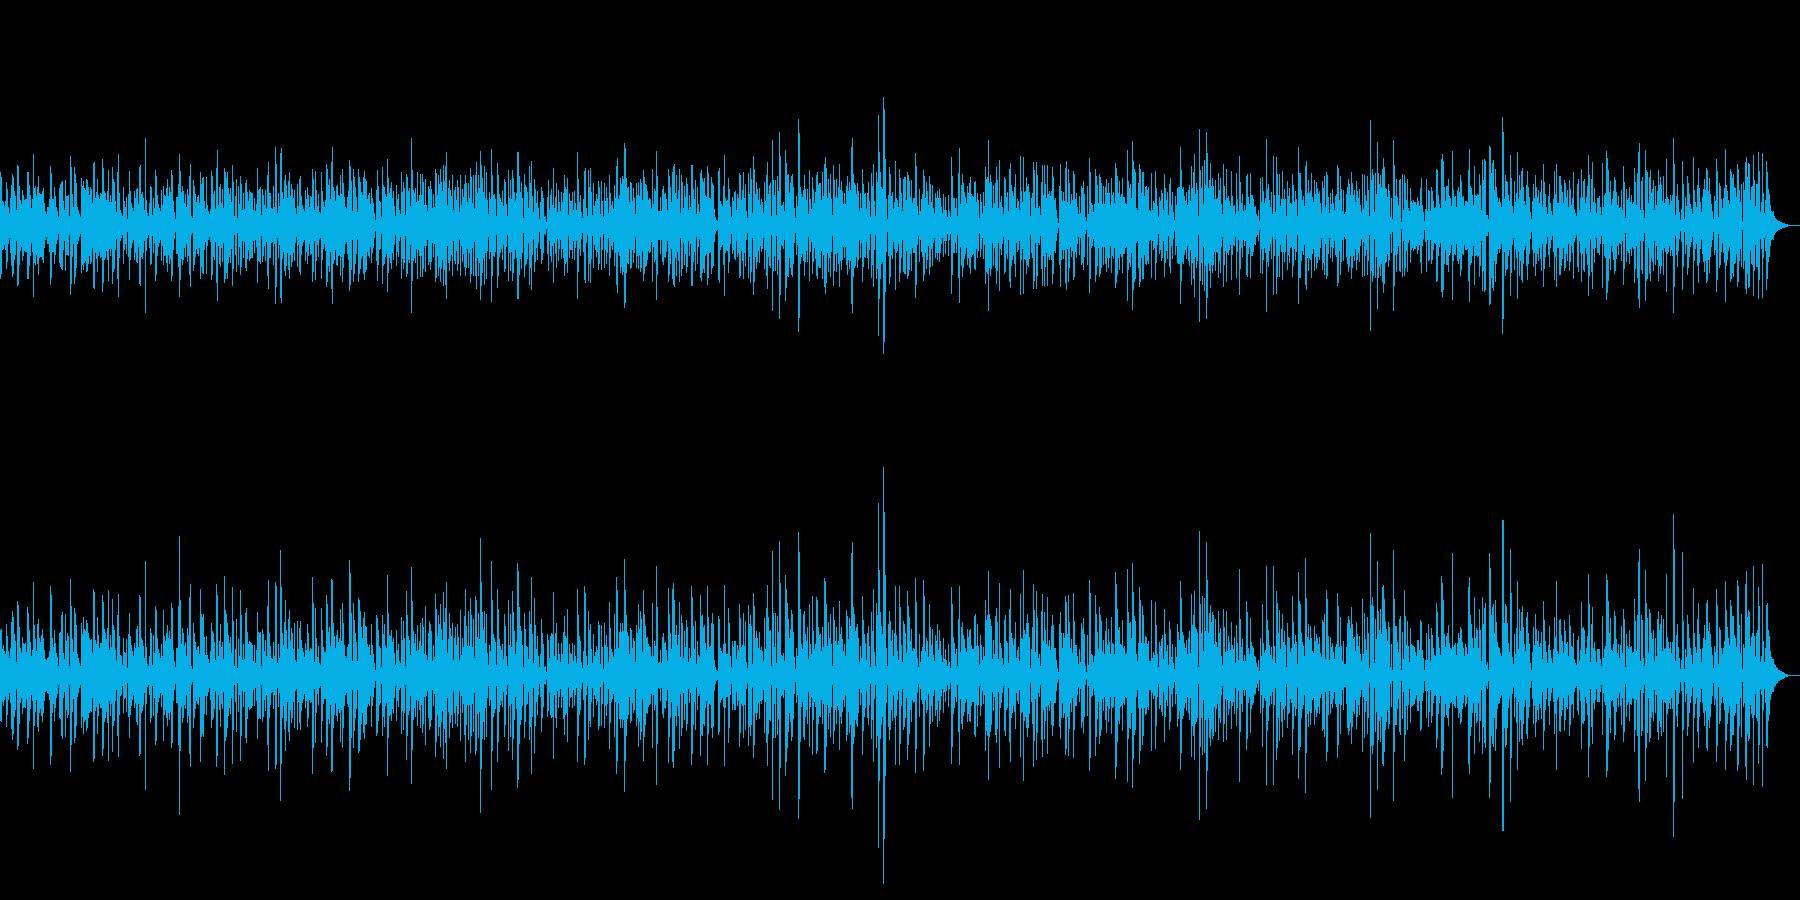 ジャズ|夜に一人で聴きたいしっとりピアノの再生済みの波形